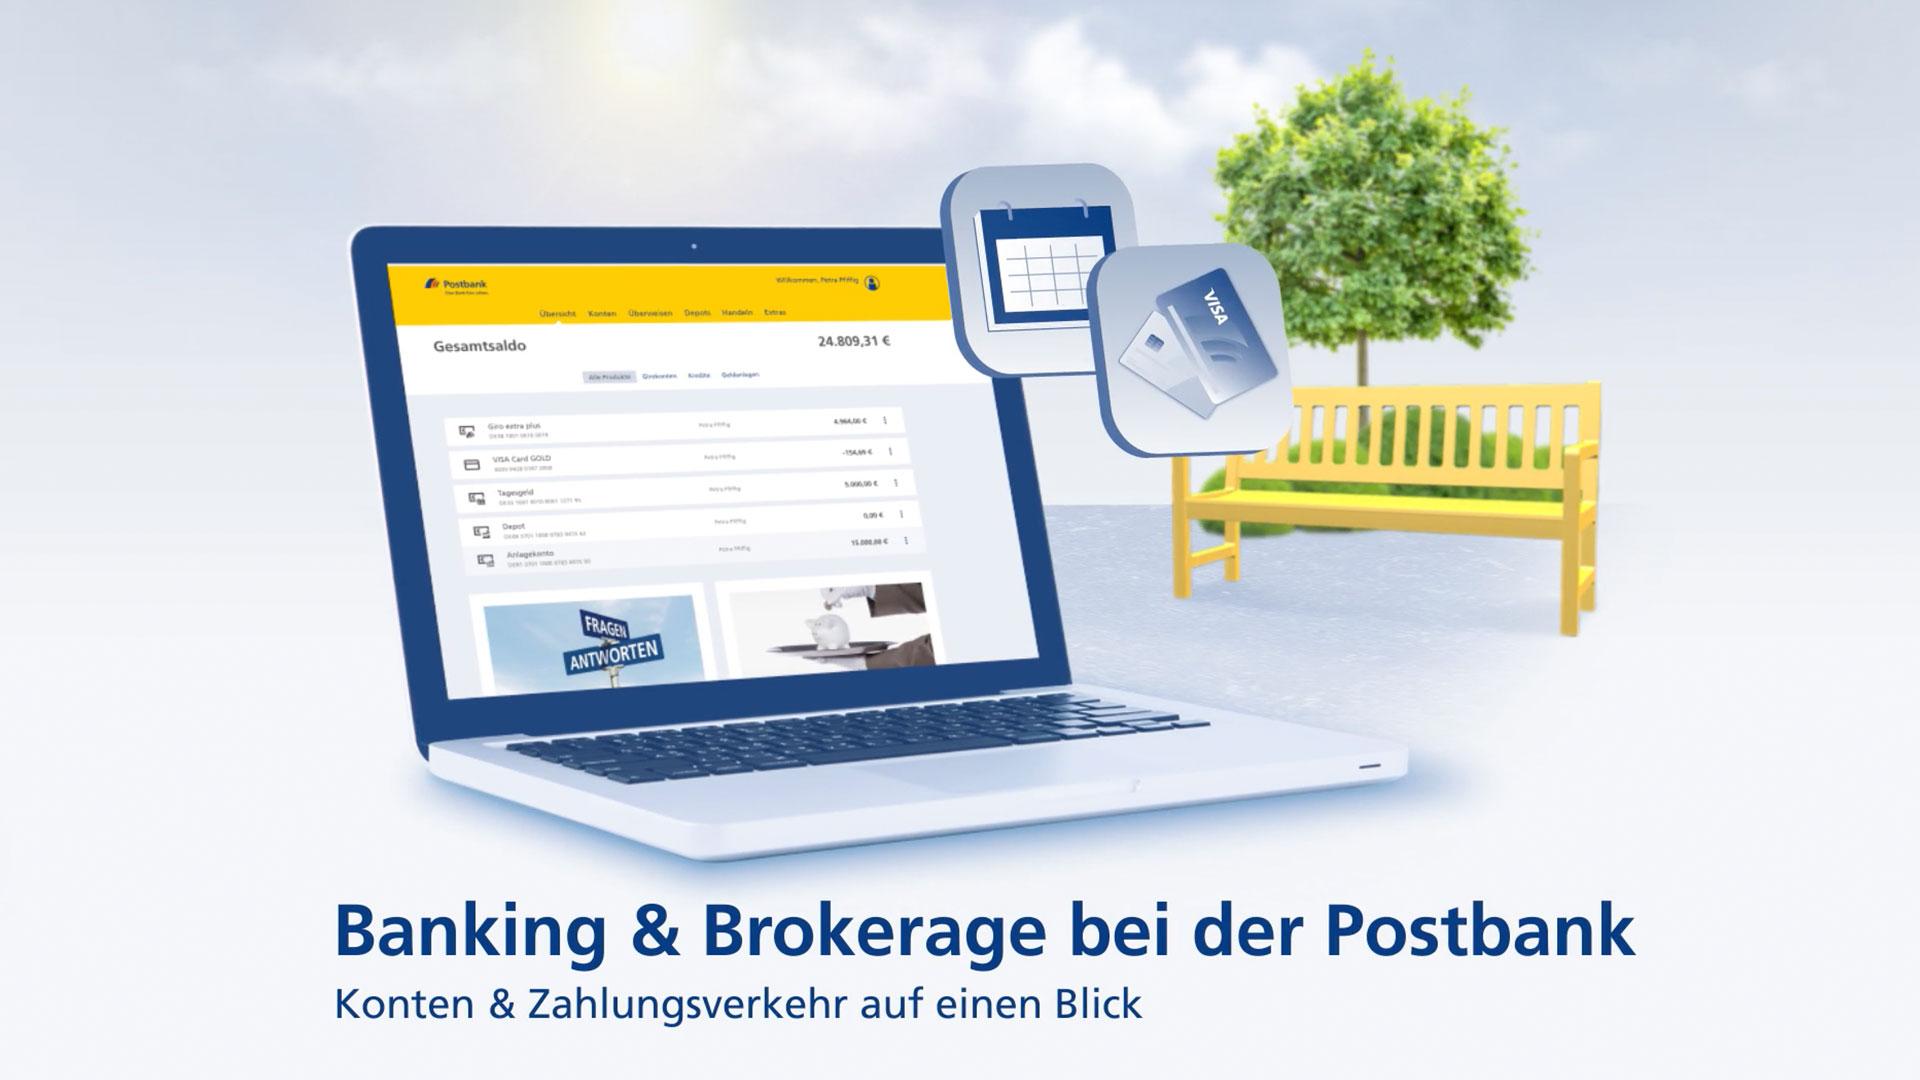 postbank-themenwelten-konten-und-zahlungsverkehr-video-1920x1080.jpg